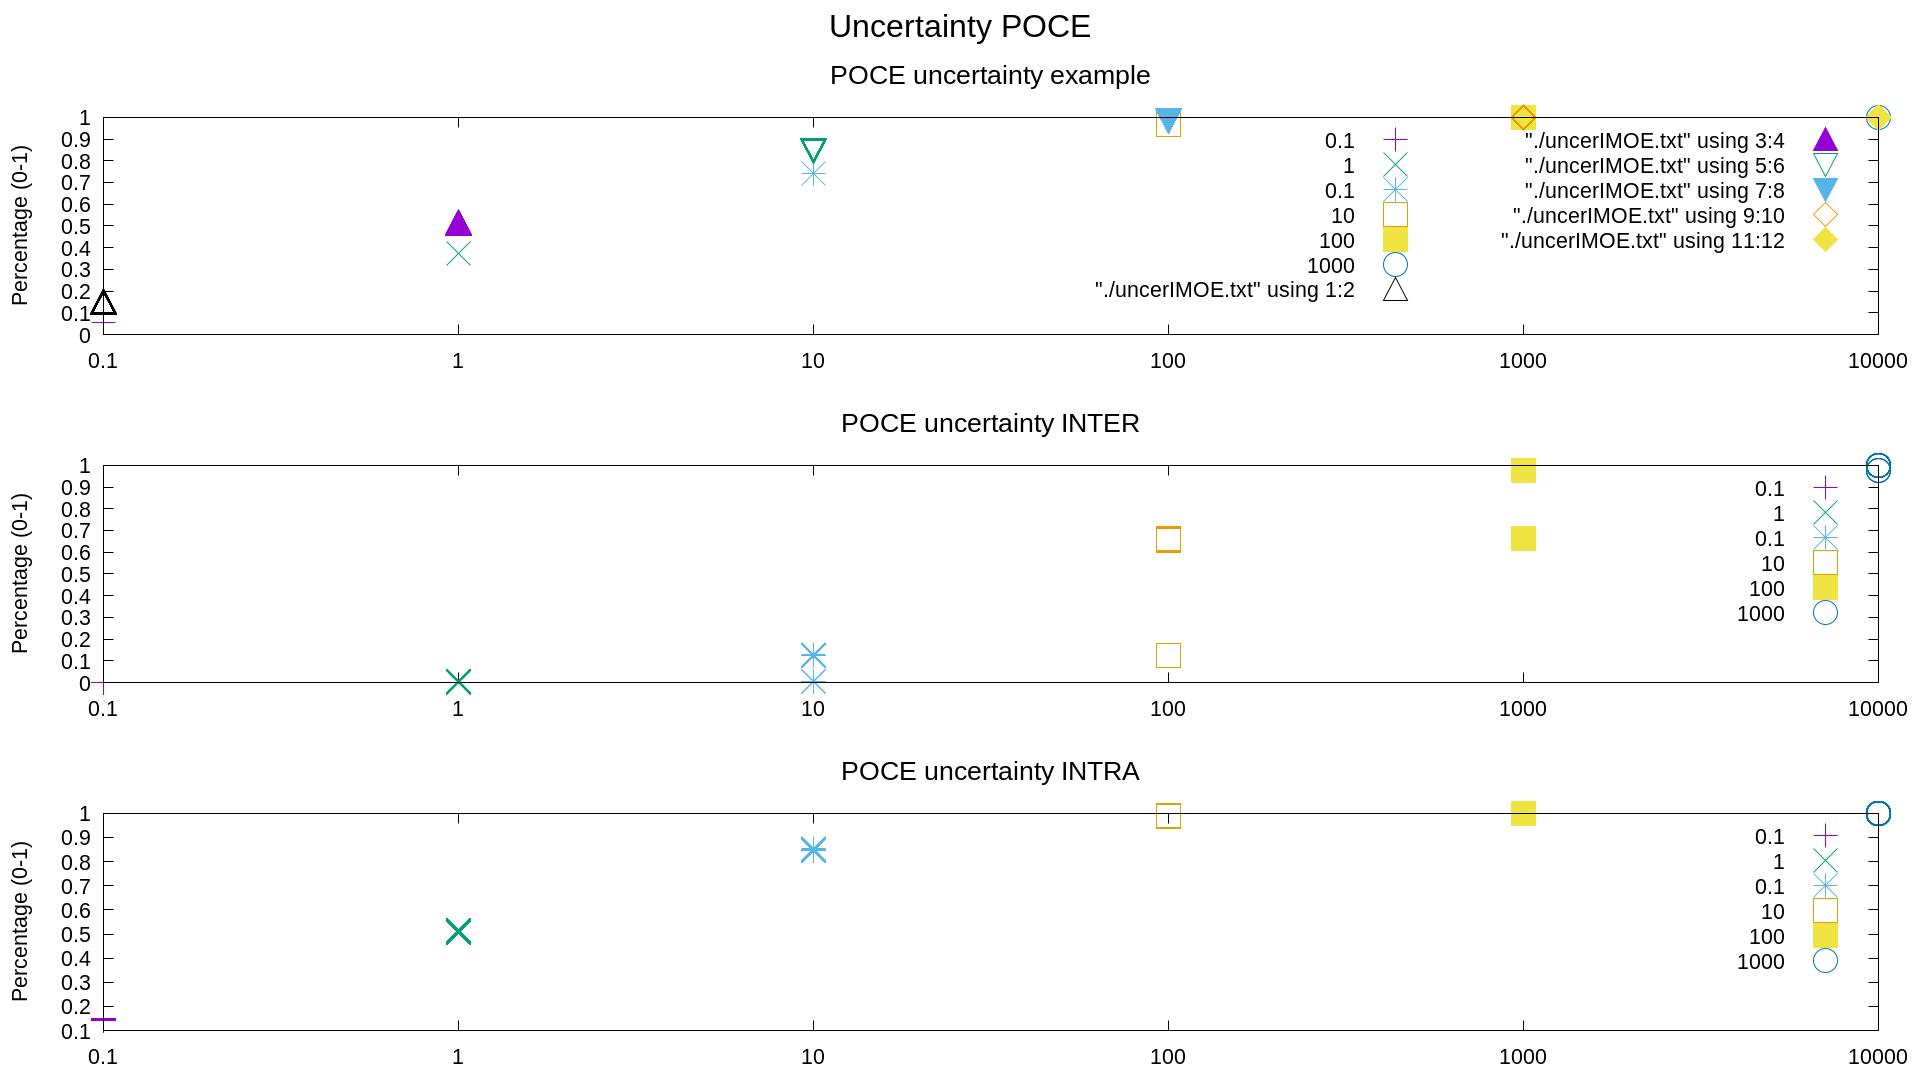 uncer_analysis/genpop/POCE_uncertainty.png